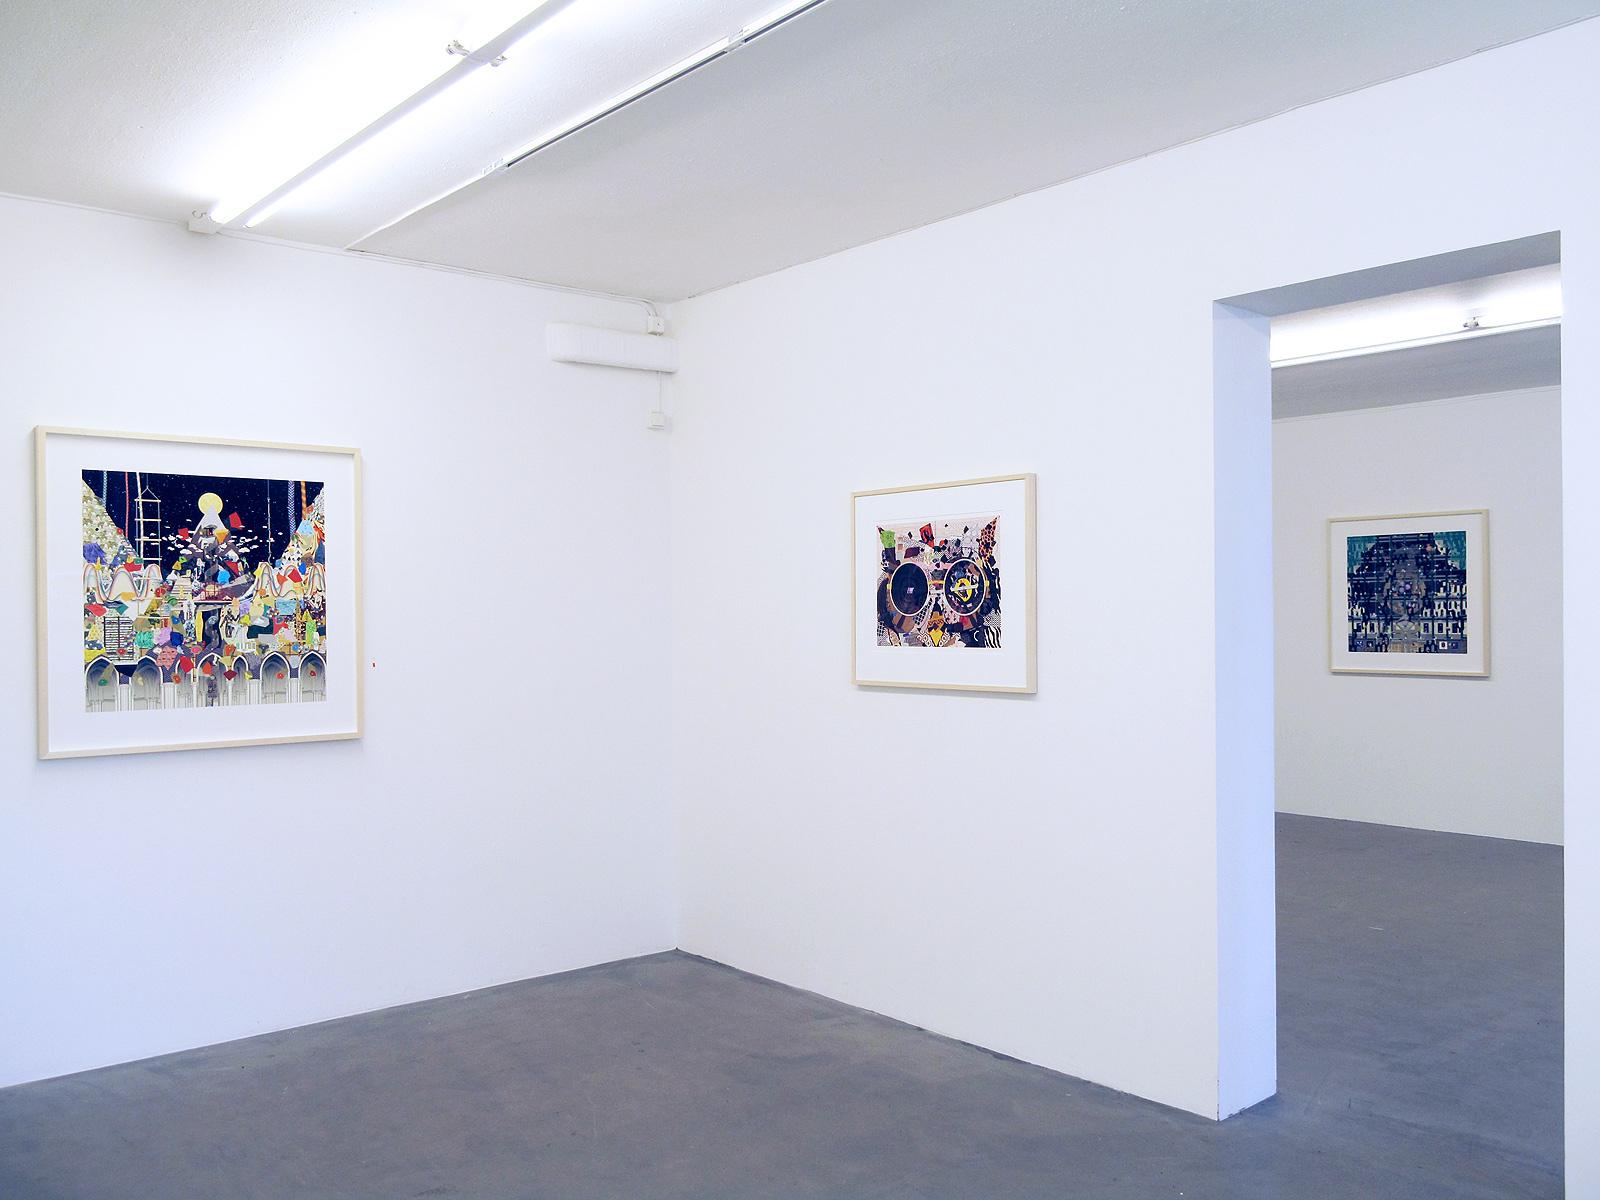 Gustav Sparr, Mount, 2014, 90 x 95 cm, Reader - The Owl In Daylight, 2016, 61.5 x 50.5 cm, Laterna Magika, 2014, 90 x 95 cm, all Inkjet print ed. 9+2